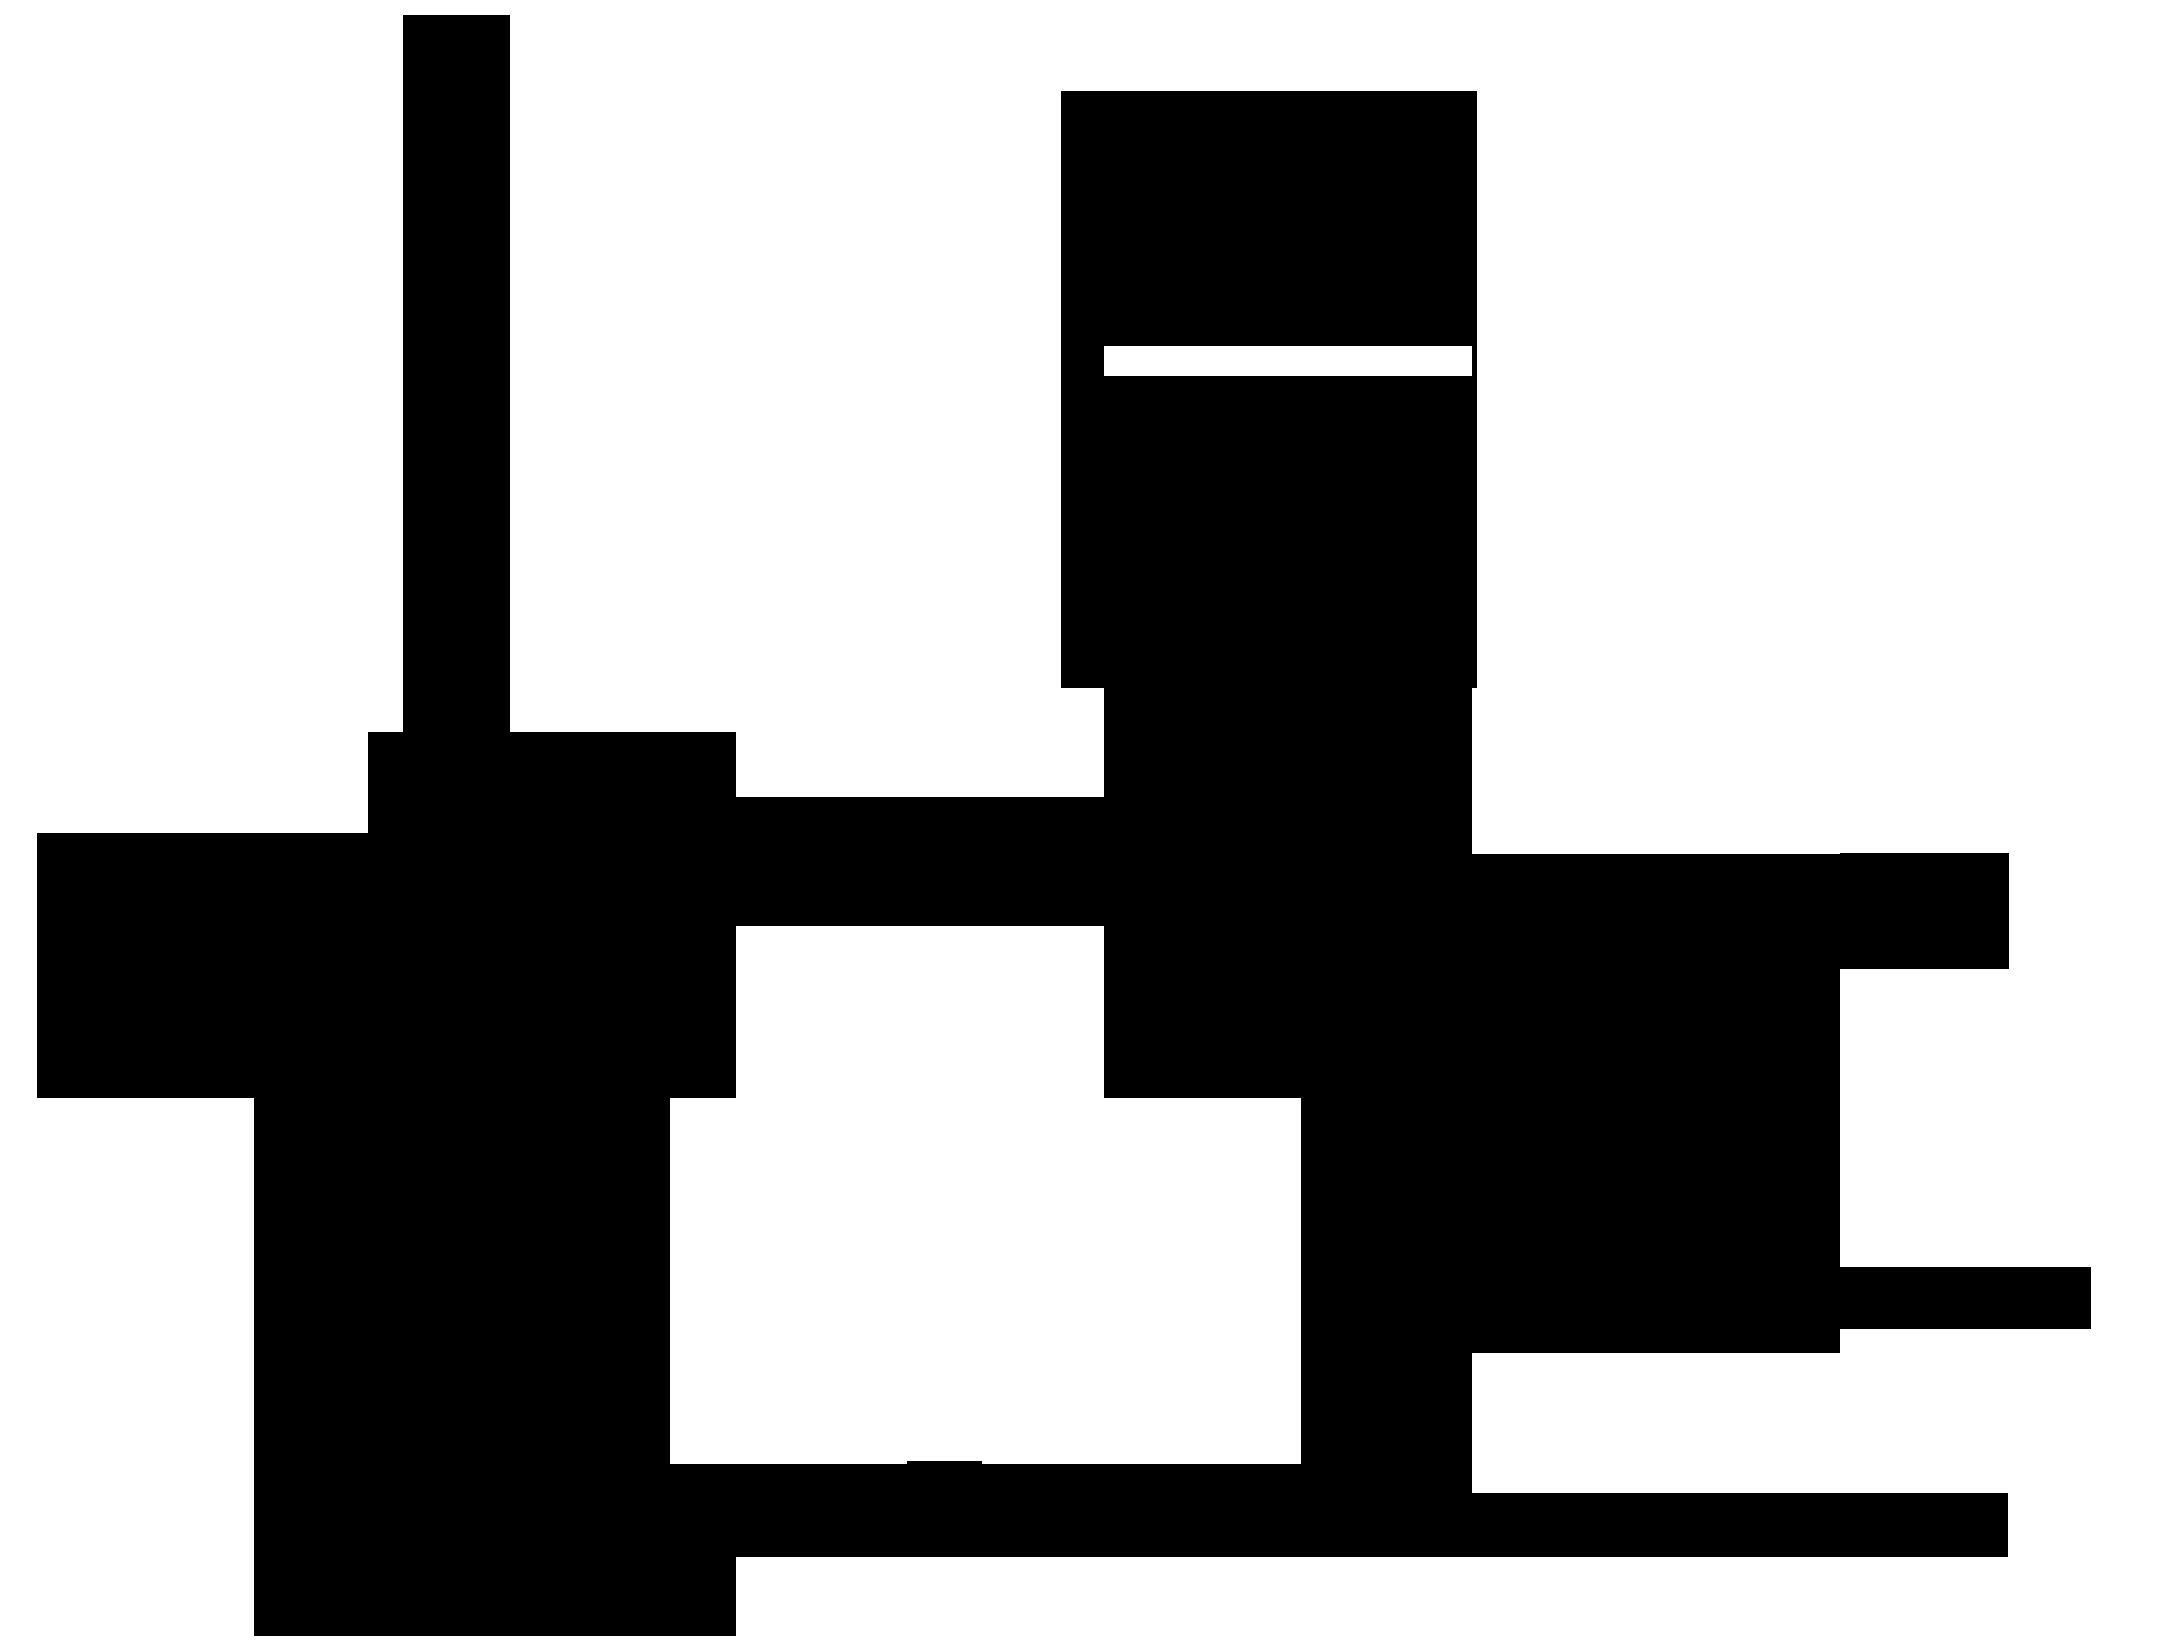 la6500 схема включения